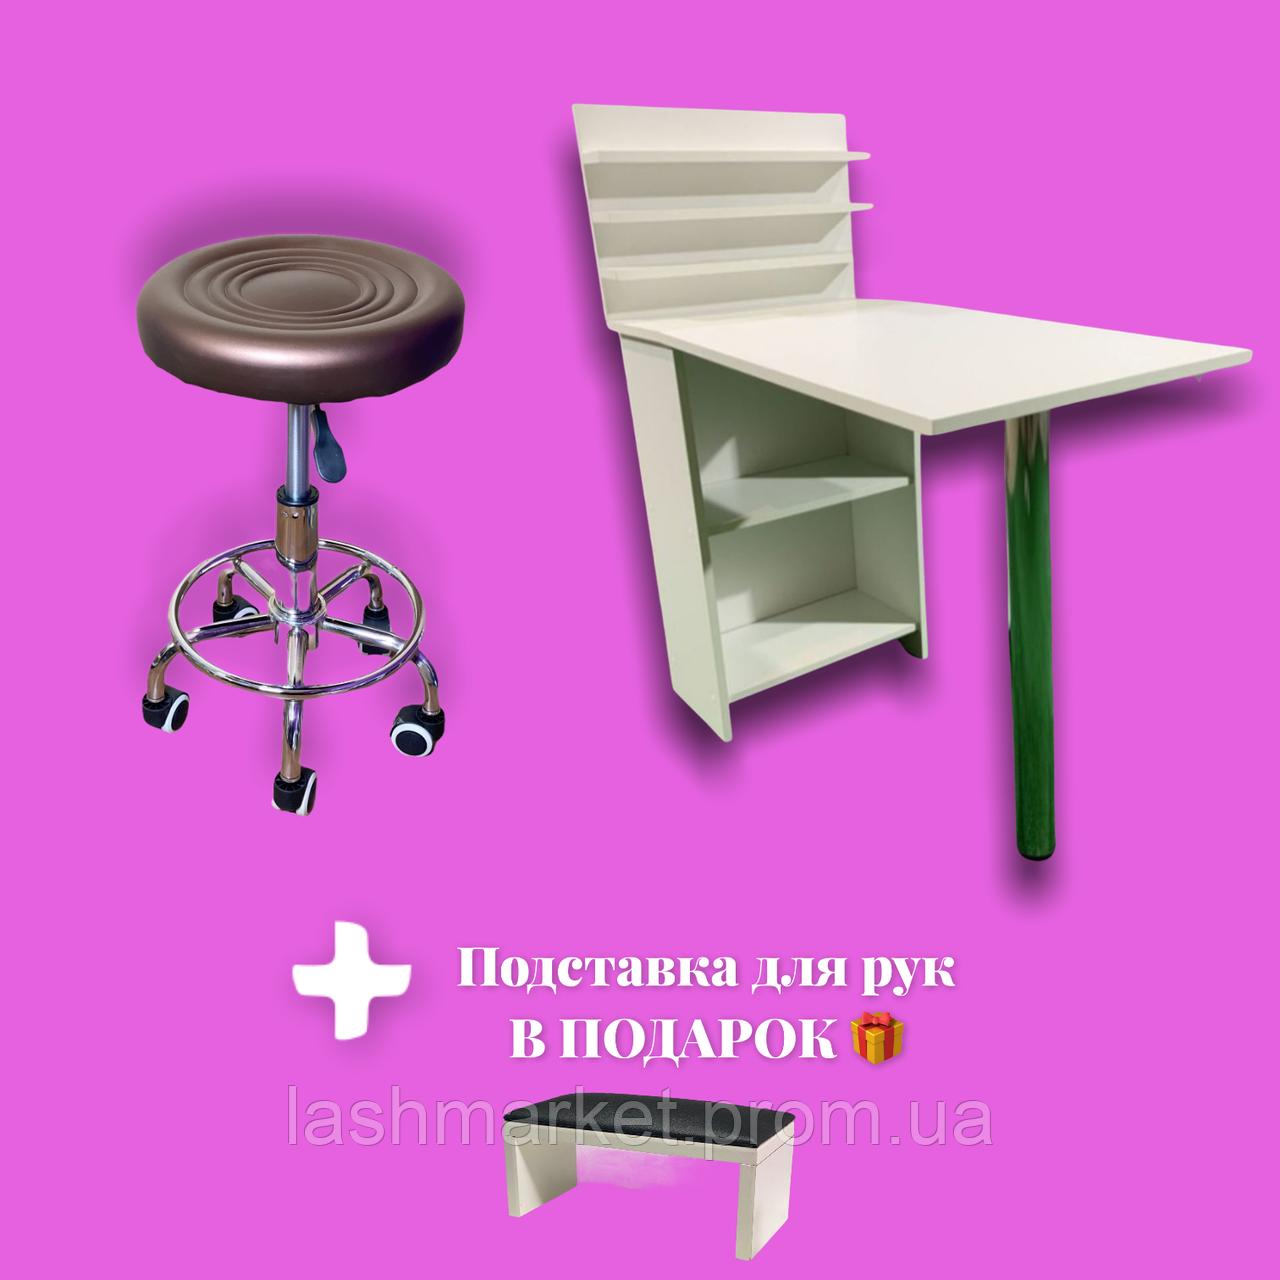 Набір №2 NAIL майстра 2в1: маниюрный стіл + стілець майстра